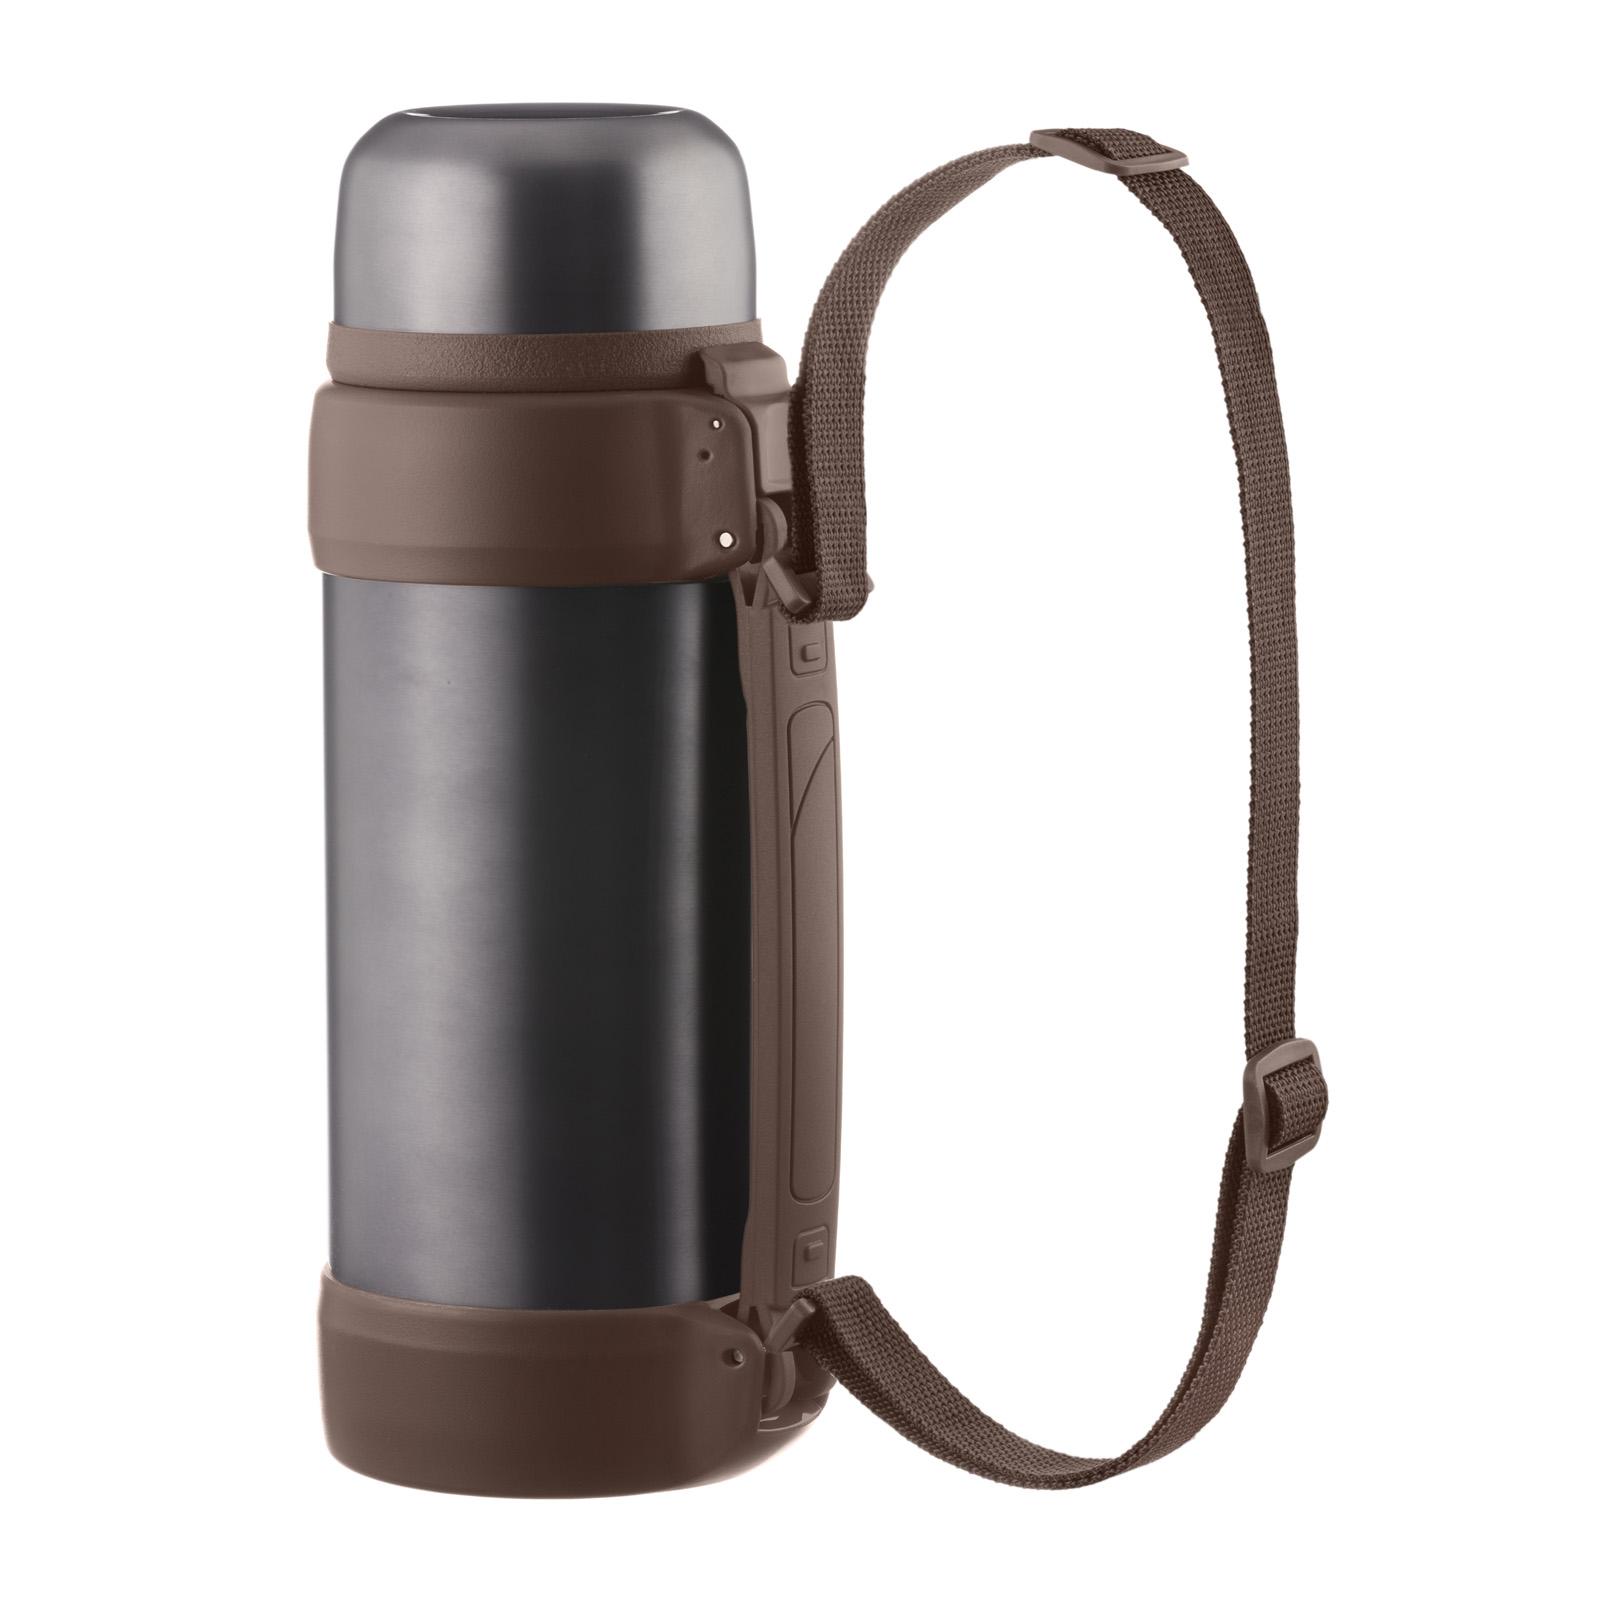 isolierflasche thermoskanne 2 liter mit vakuum verschluss. Black Bedroom Furniture Sets. Home Design Ideas